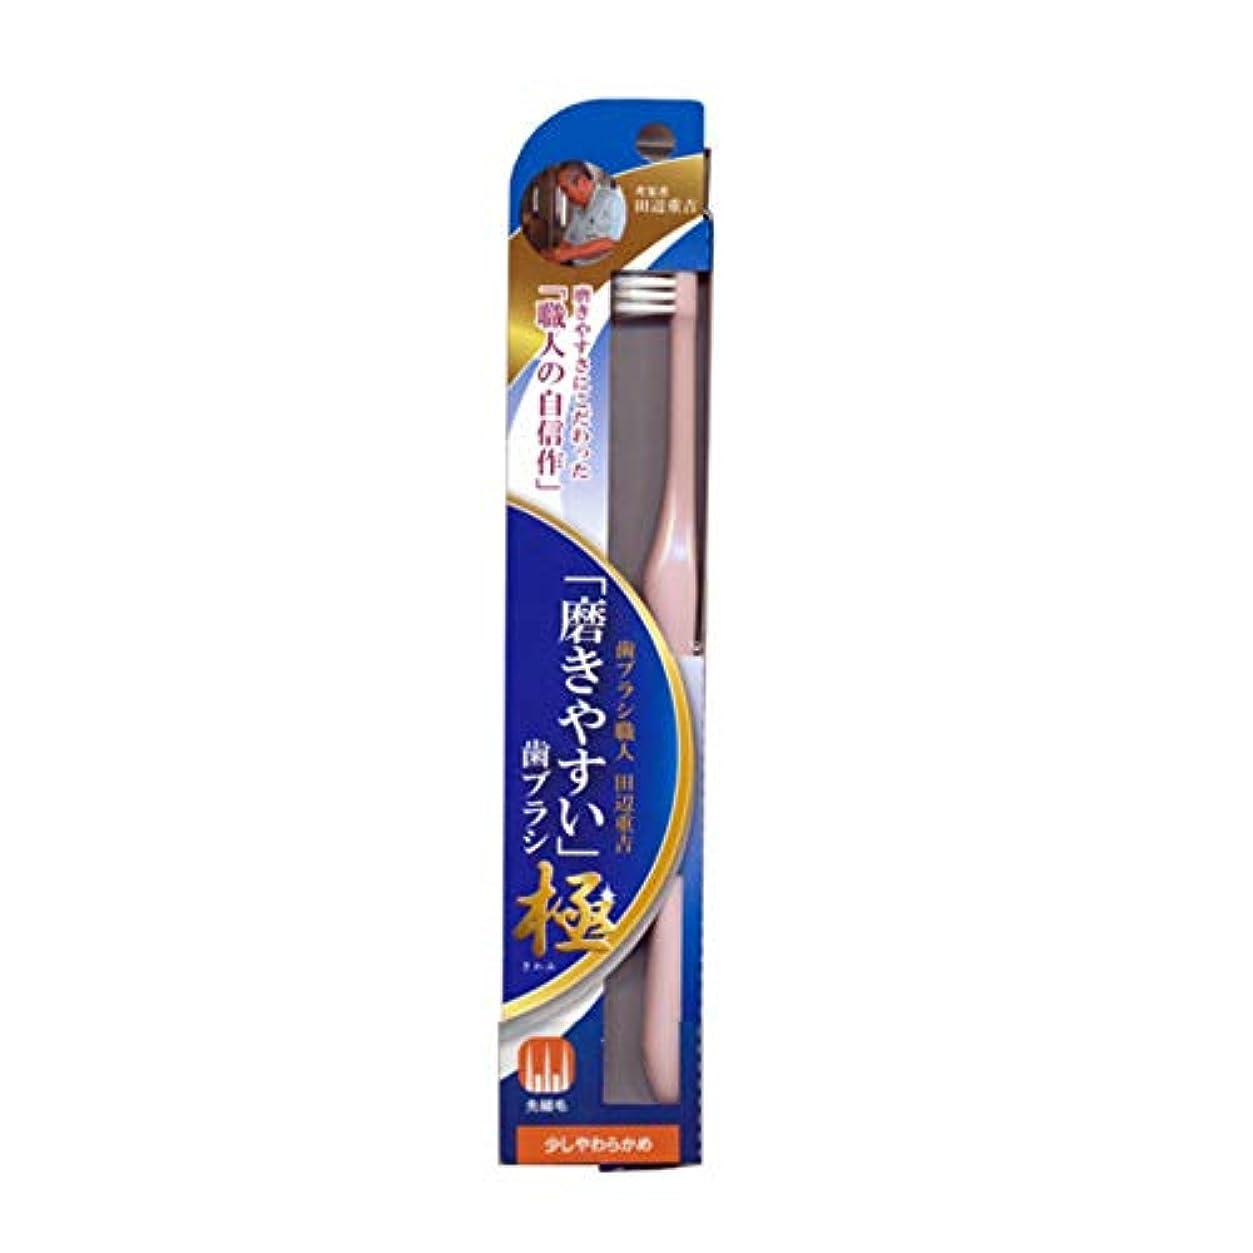 アトミック却下する不機嫌磨きやすい歯ブラシ極 (少し柔らかめ) LT-43 先細毛(色選択不可)